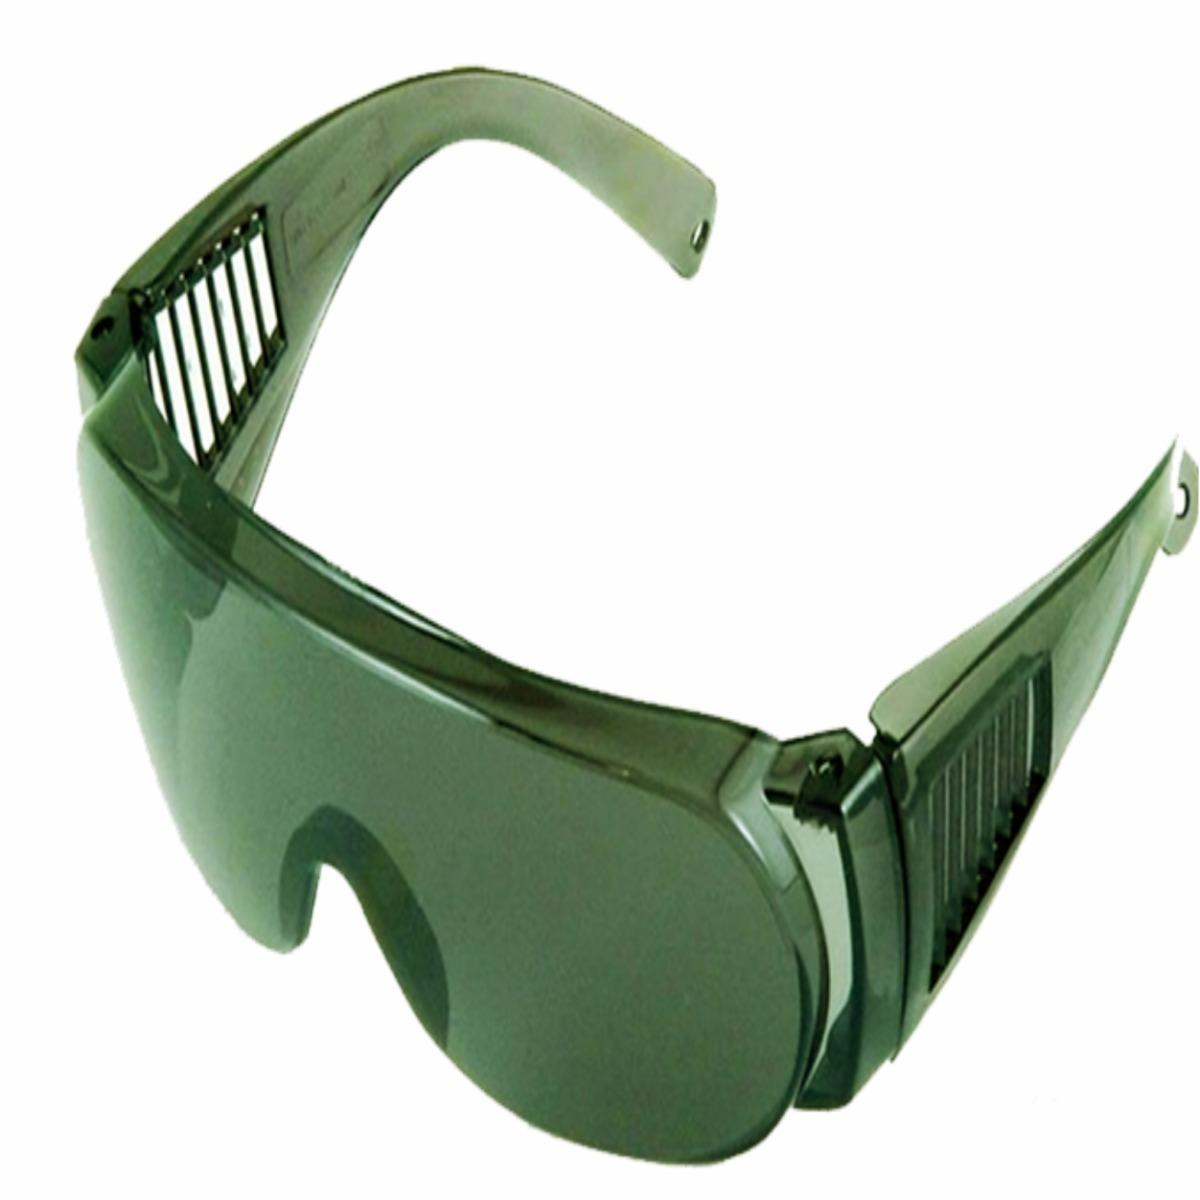 Óculos De Proteção Epi Segurança Panda Verde Uva Uvb - R  12,99 em ... cf97b7e1af